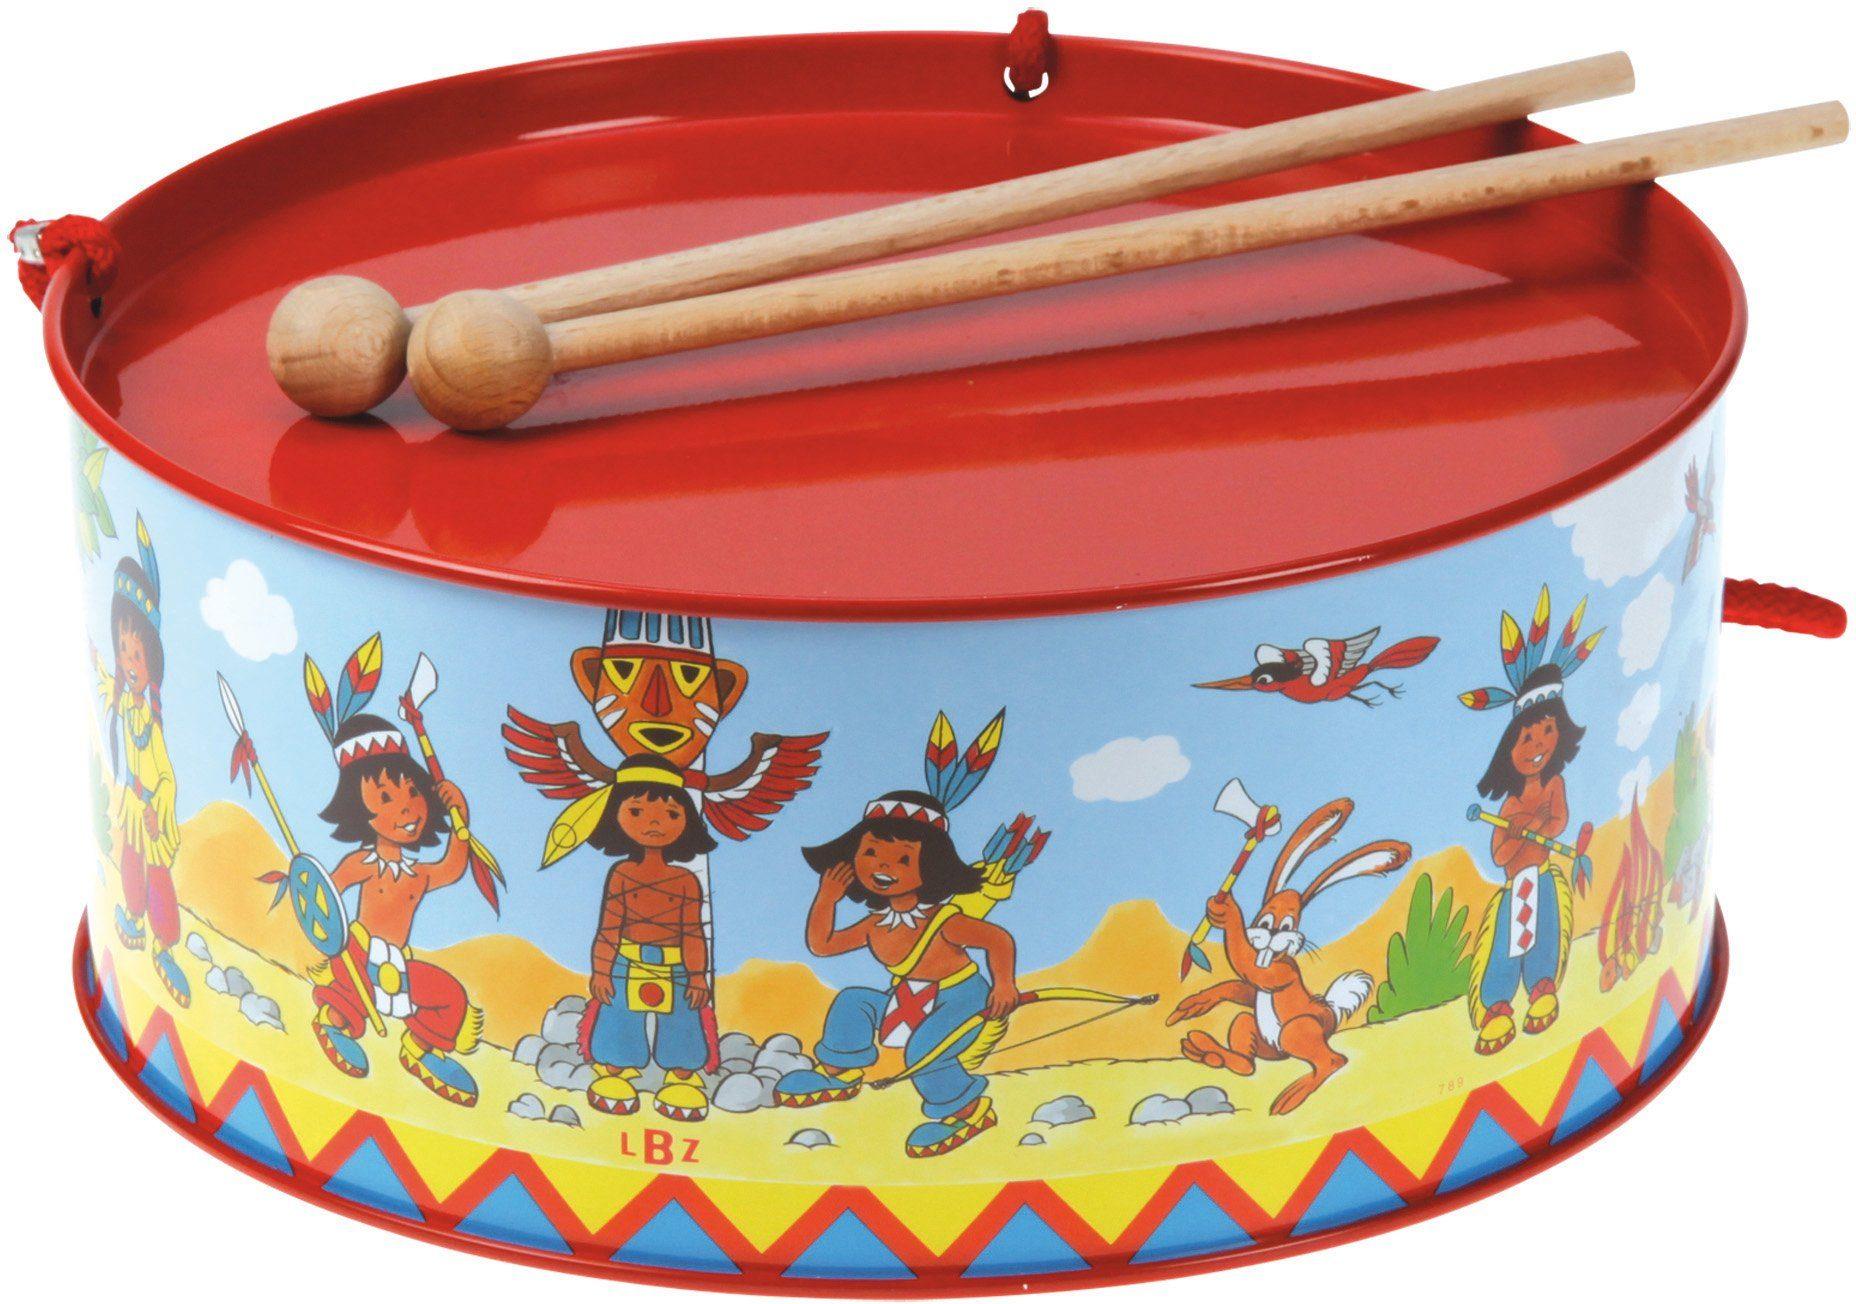 BOLZ Musikinstrument für Kinder, »Trommel Indianer«